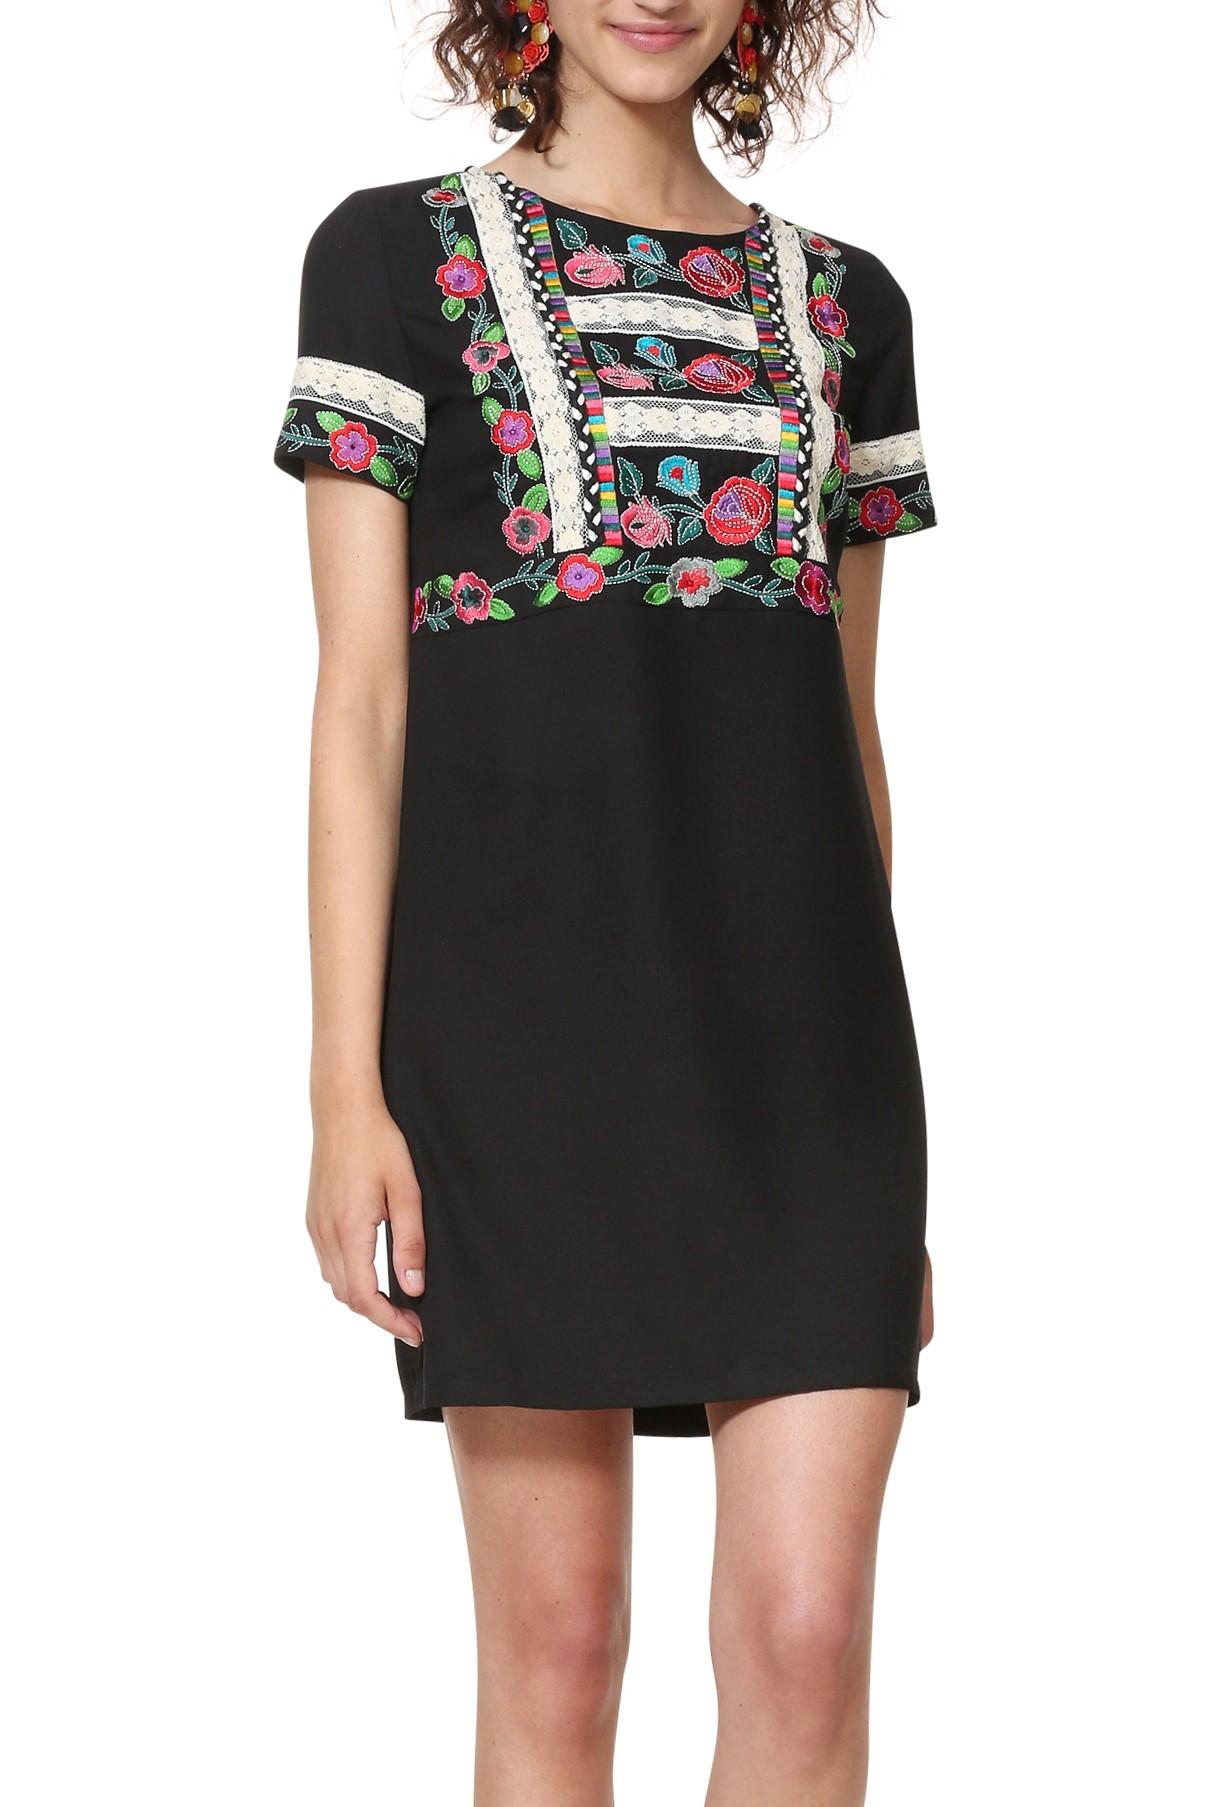 Desigual čierne šaty Vest Tralee s výšivkami - Glami.sk ac3c55df8cf